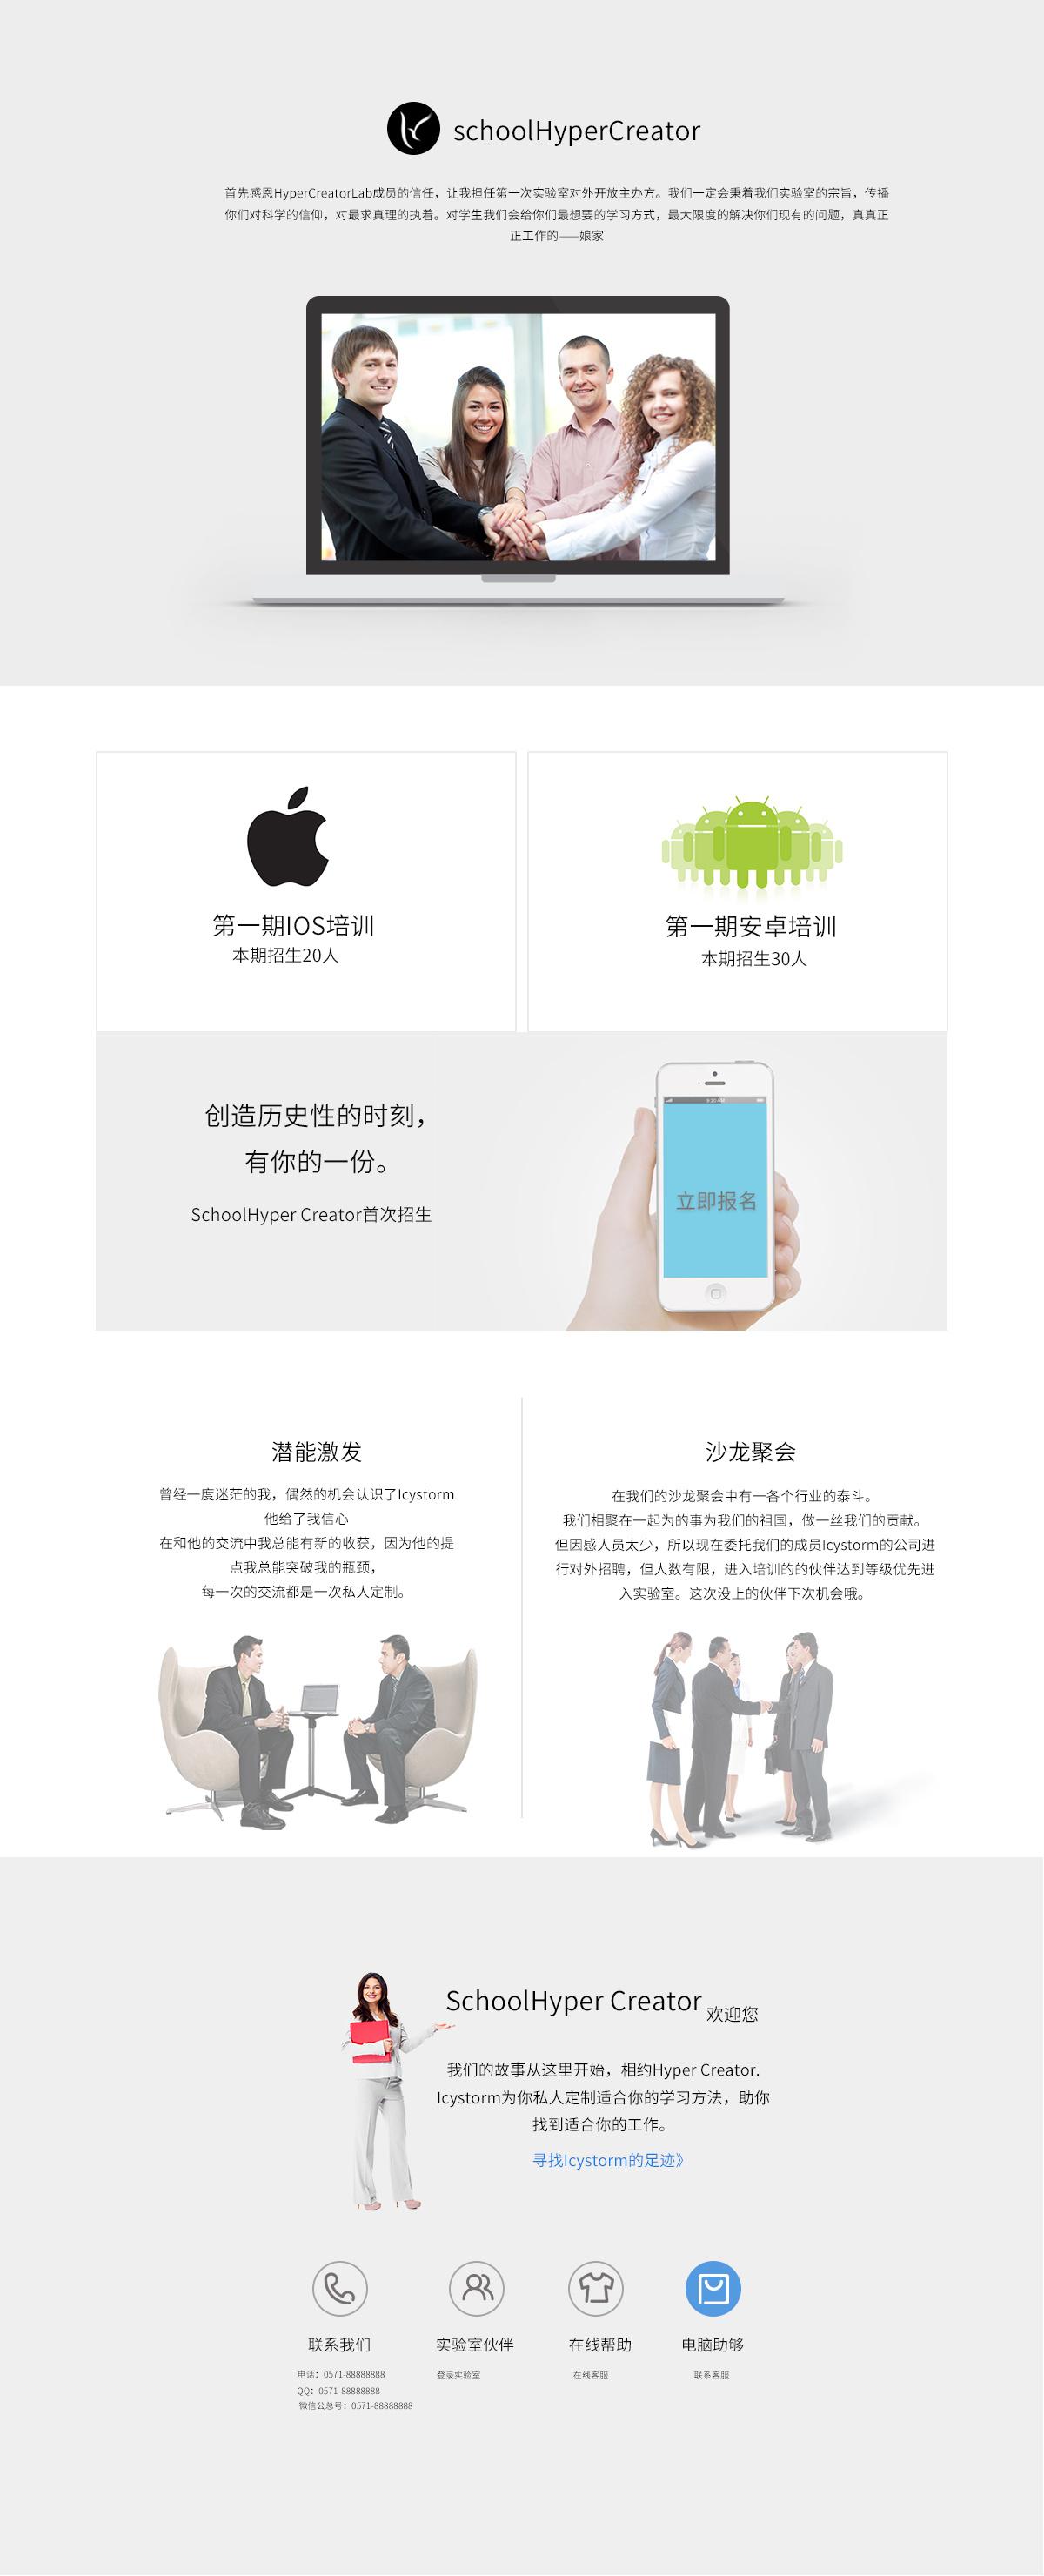 香港乐透开奖求推荐?_百度知道                首先大家要了解 云奇付 这家网站,它是虚拟产品兑换交易的专业网站,Q币提现也是成功运营了5年的业务。使用会员中心的Q币寄售系统,可以在几分钟把自己的Q币出售提.